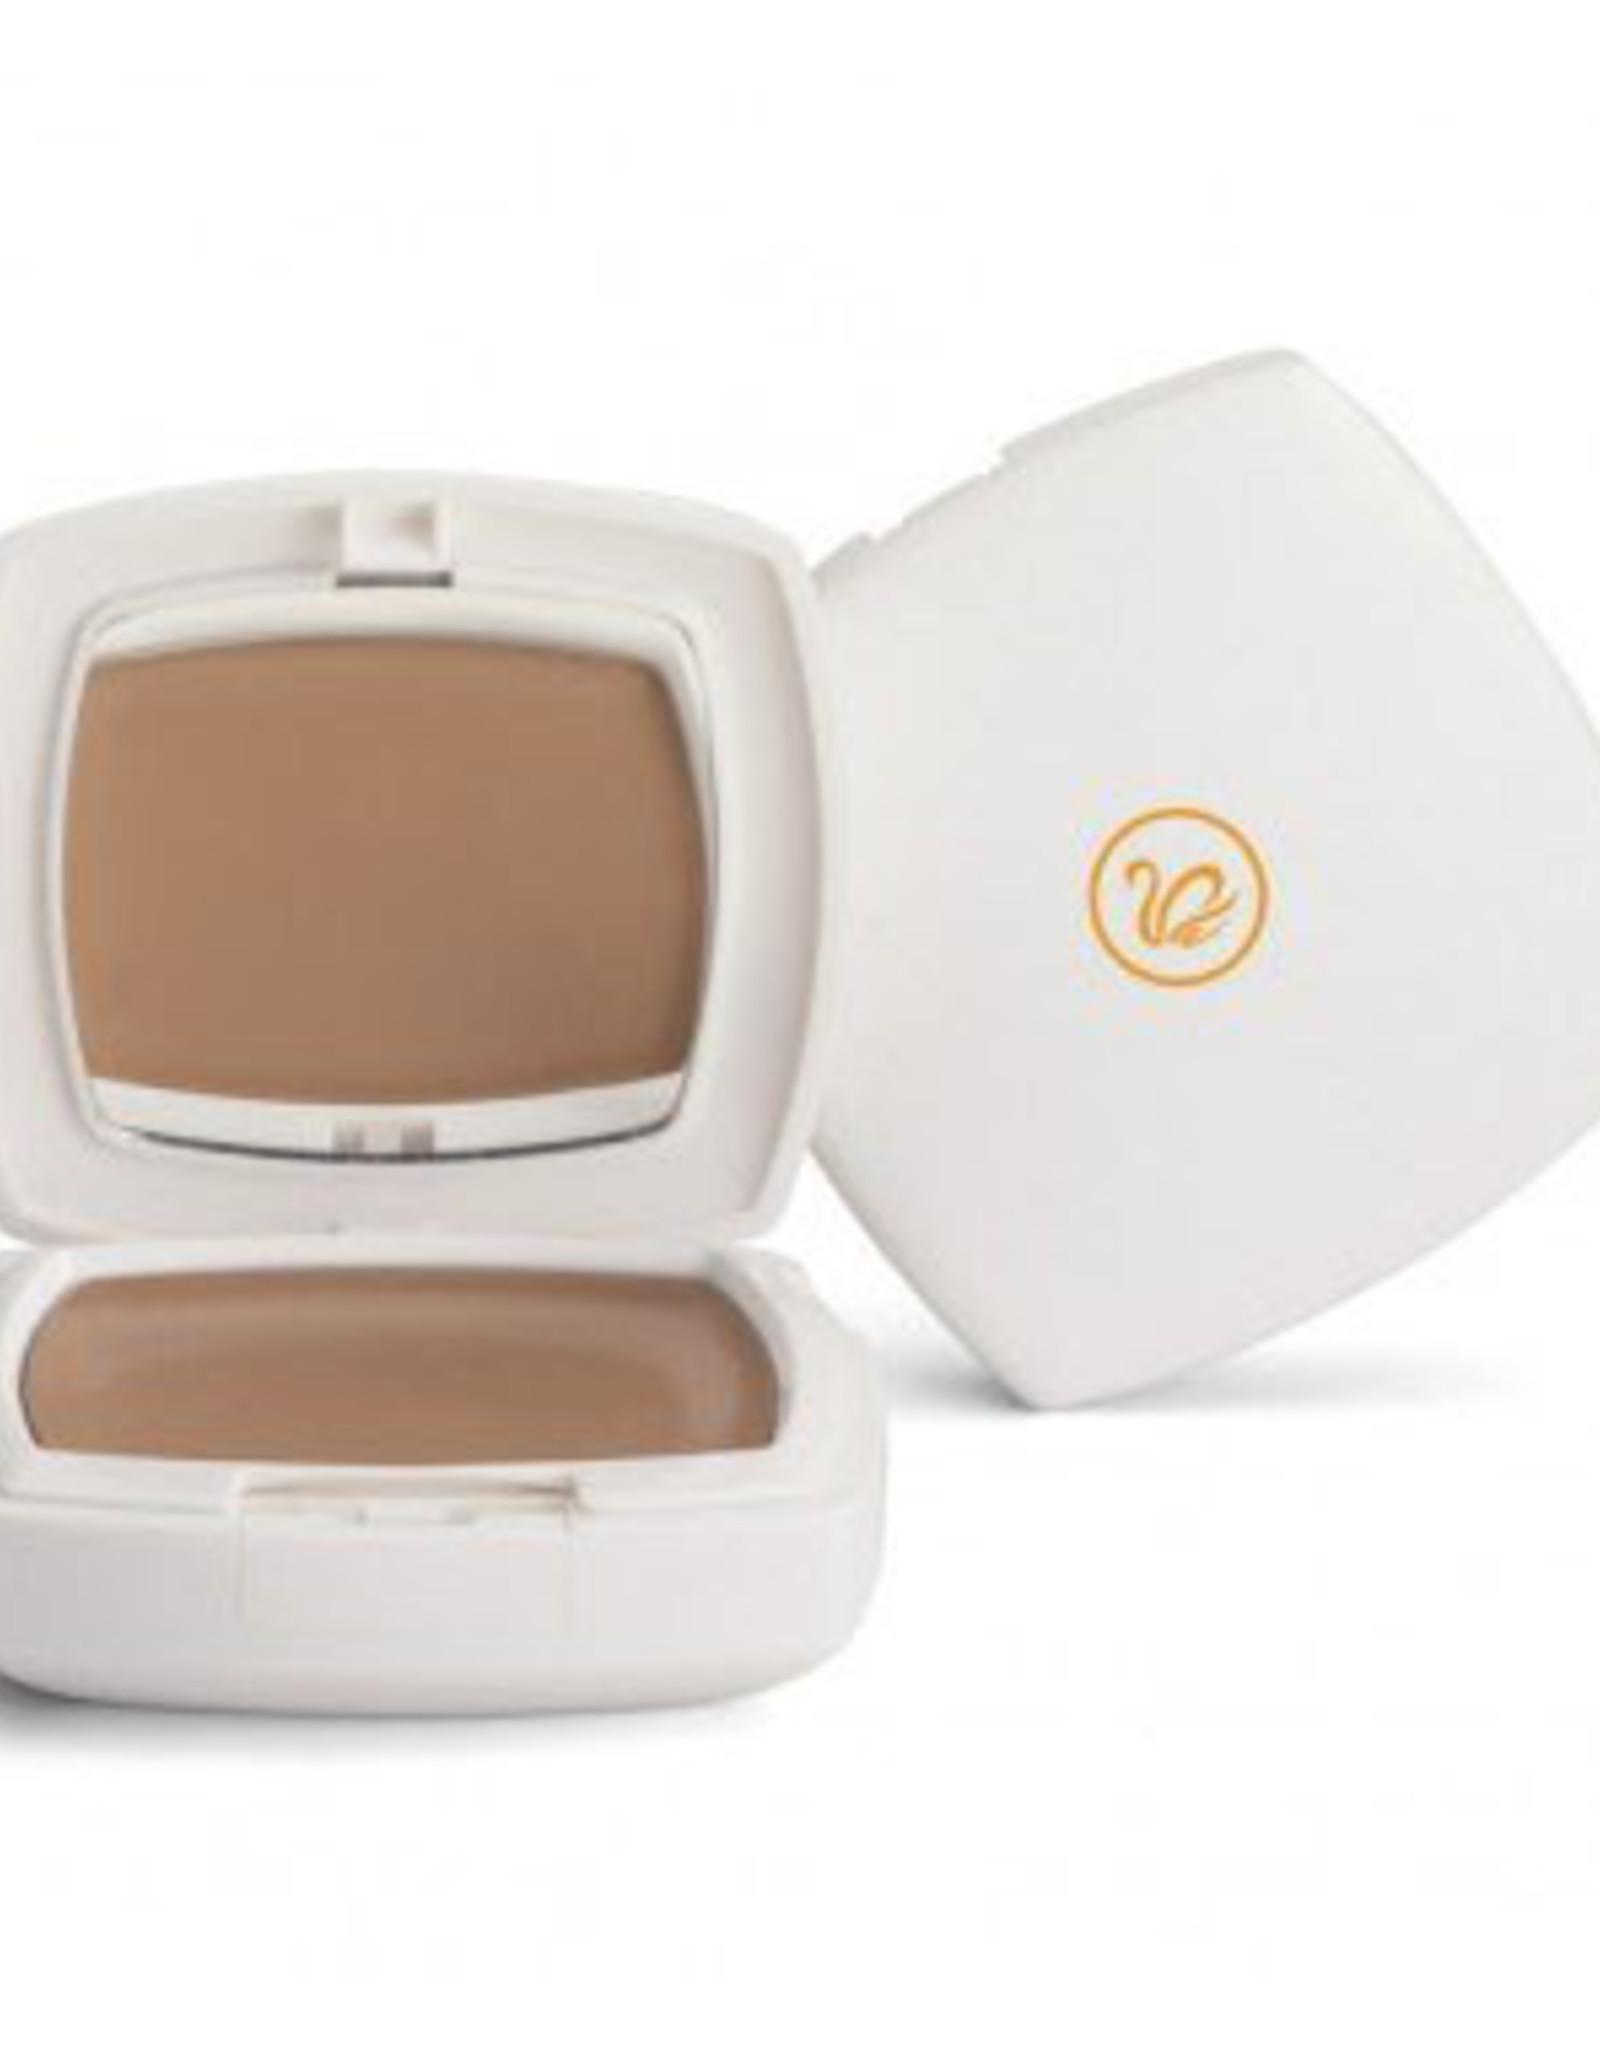 Hi-Protection Make-Up Bronze SPF 50